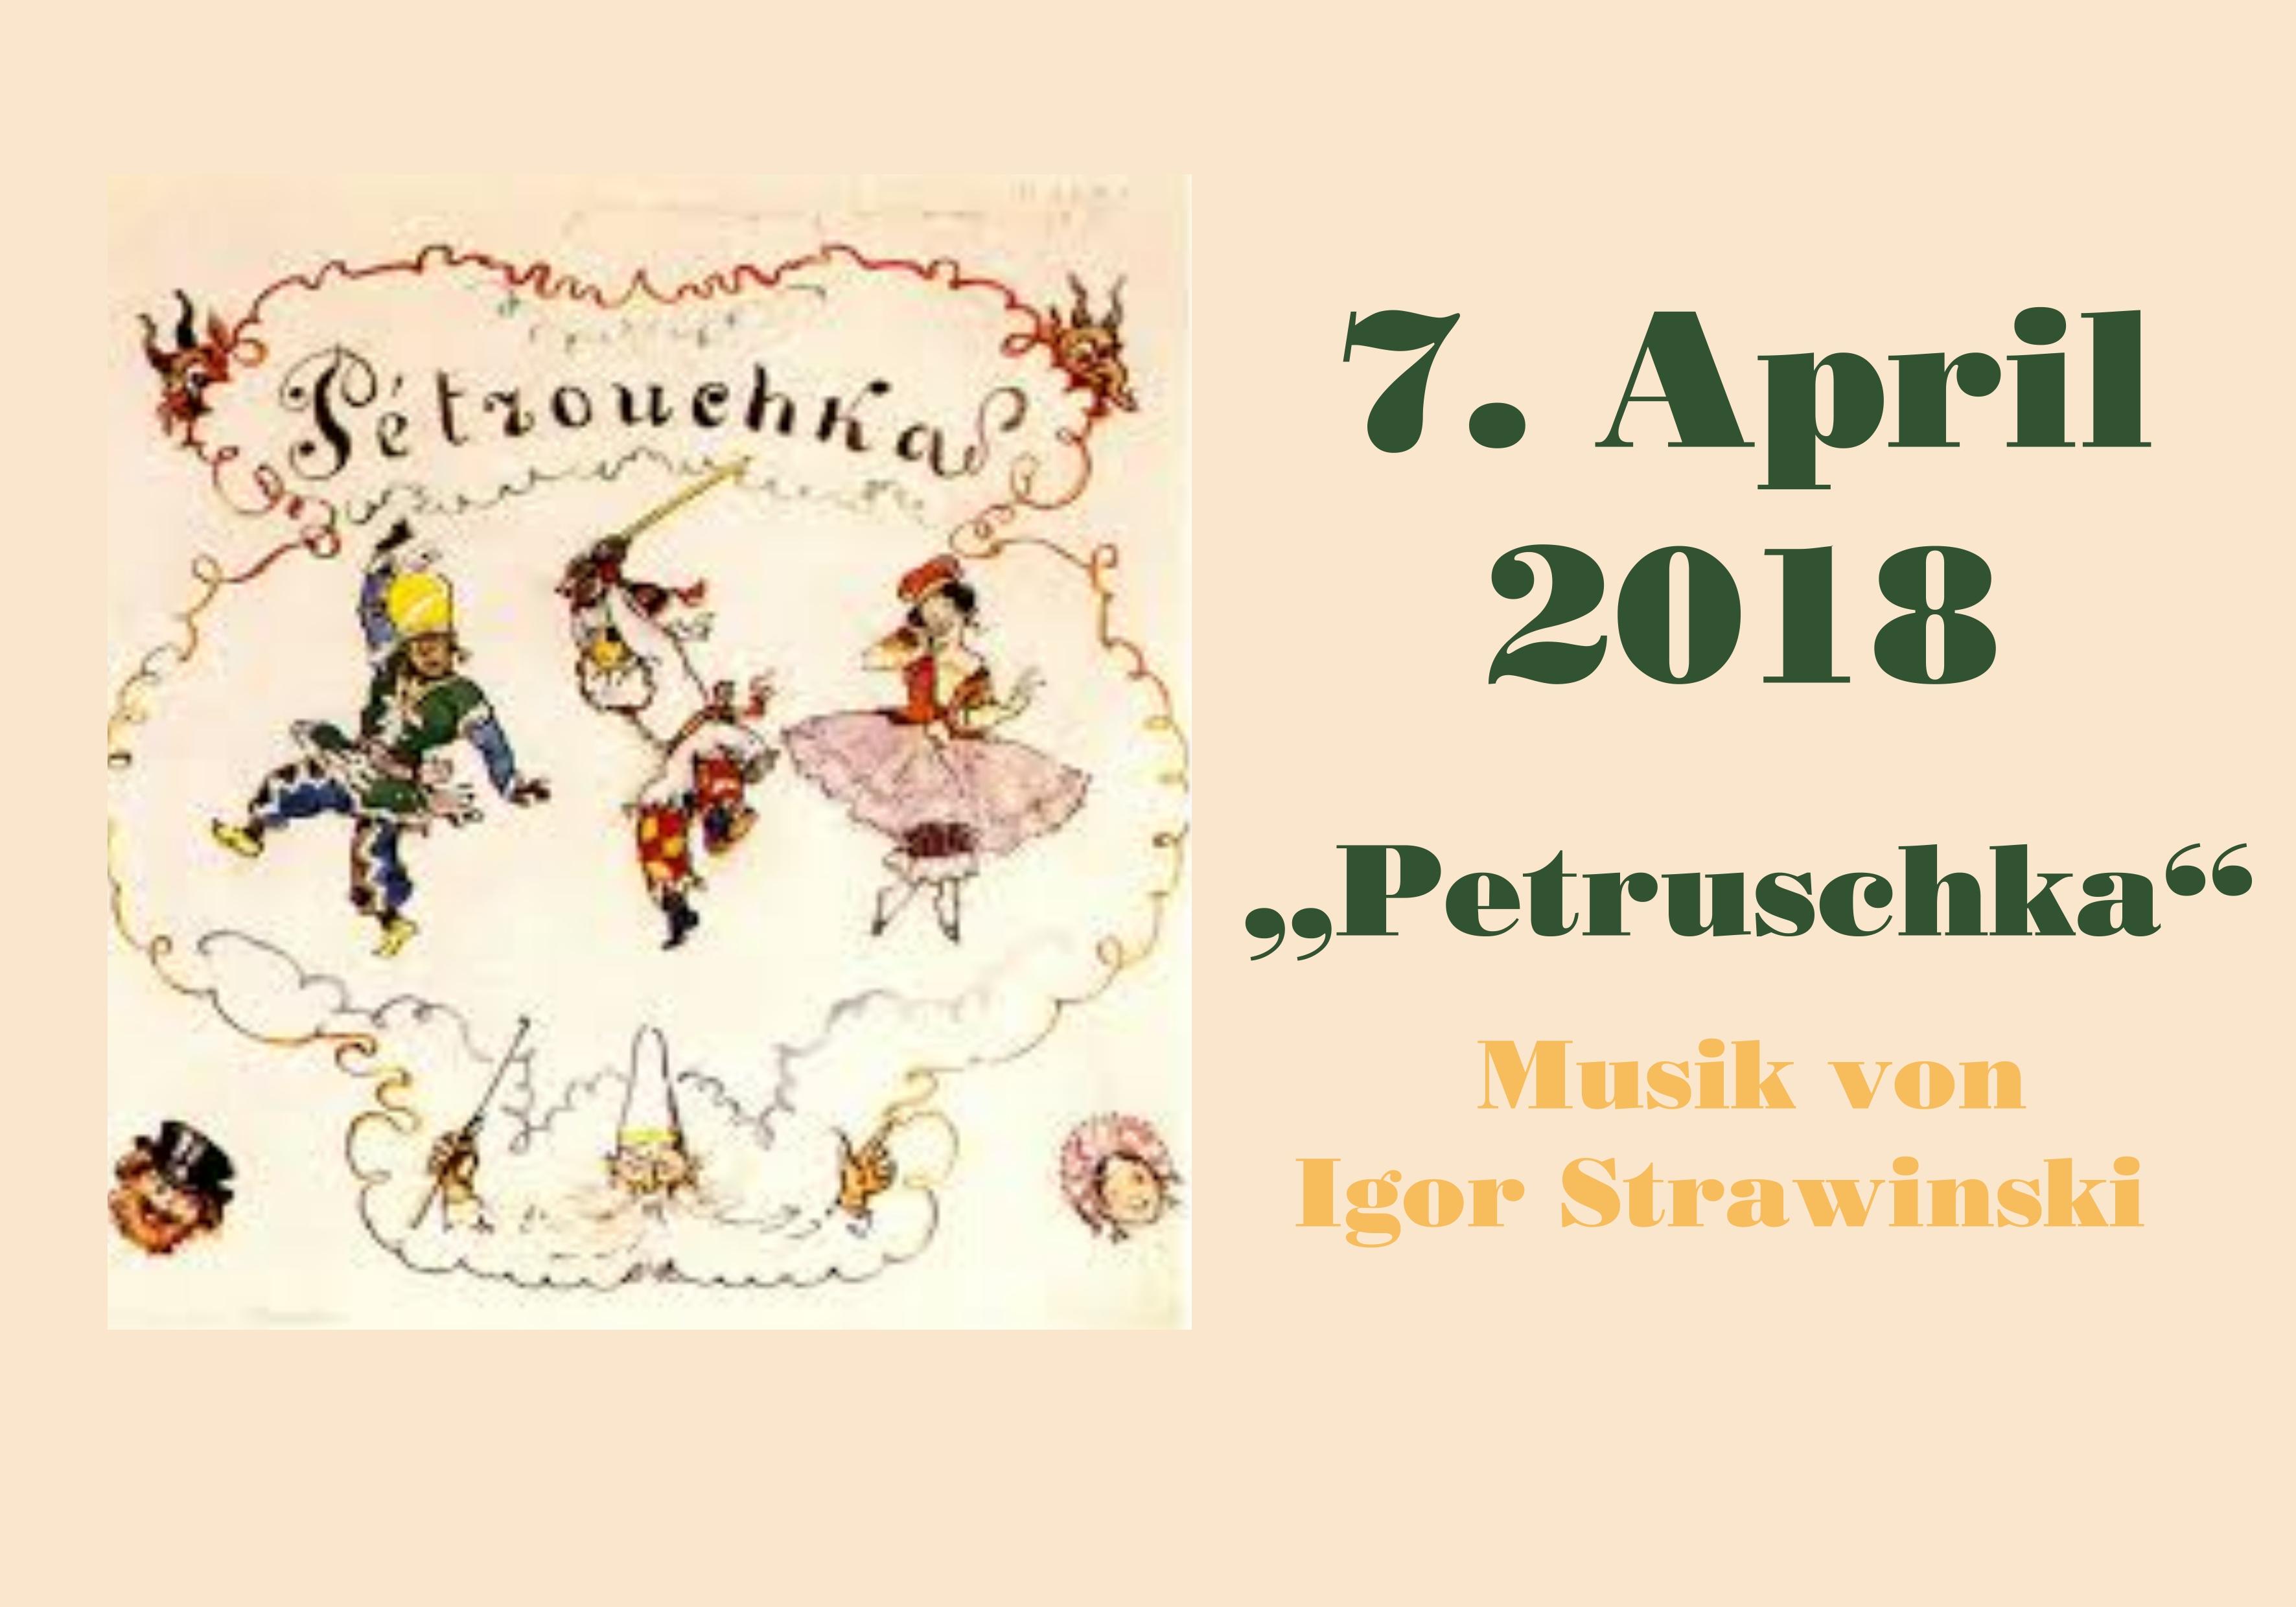 Petruschka